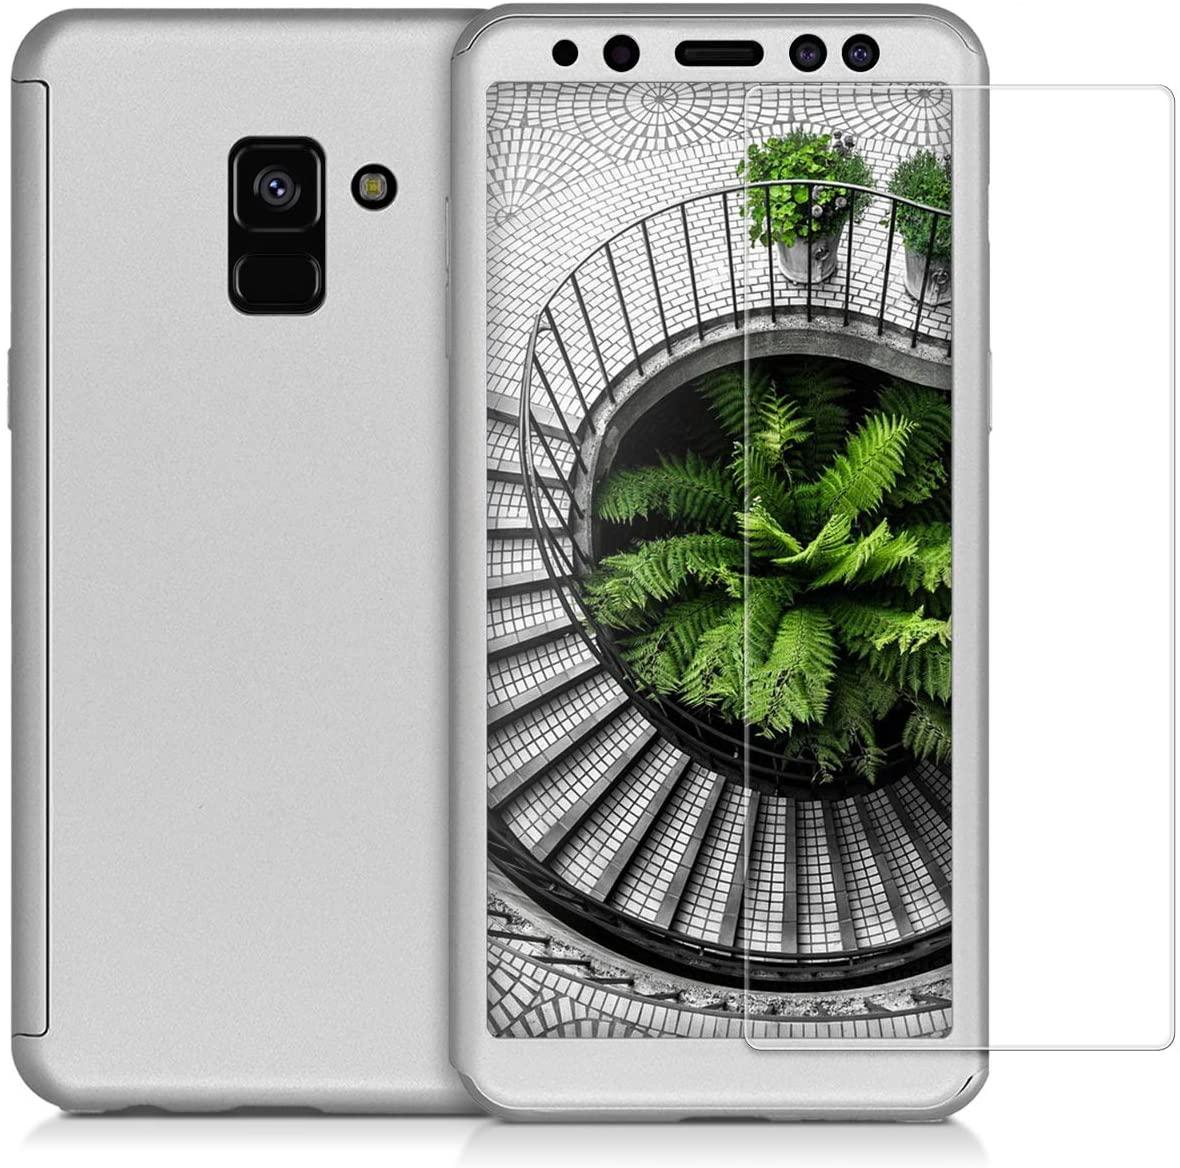 Husa 360 Protectie Totala Fata Spate pentru Samsung Galaxy A8 (2018) , Argintie